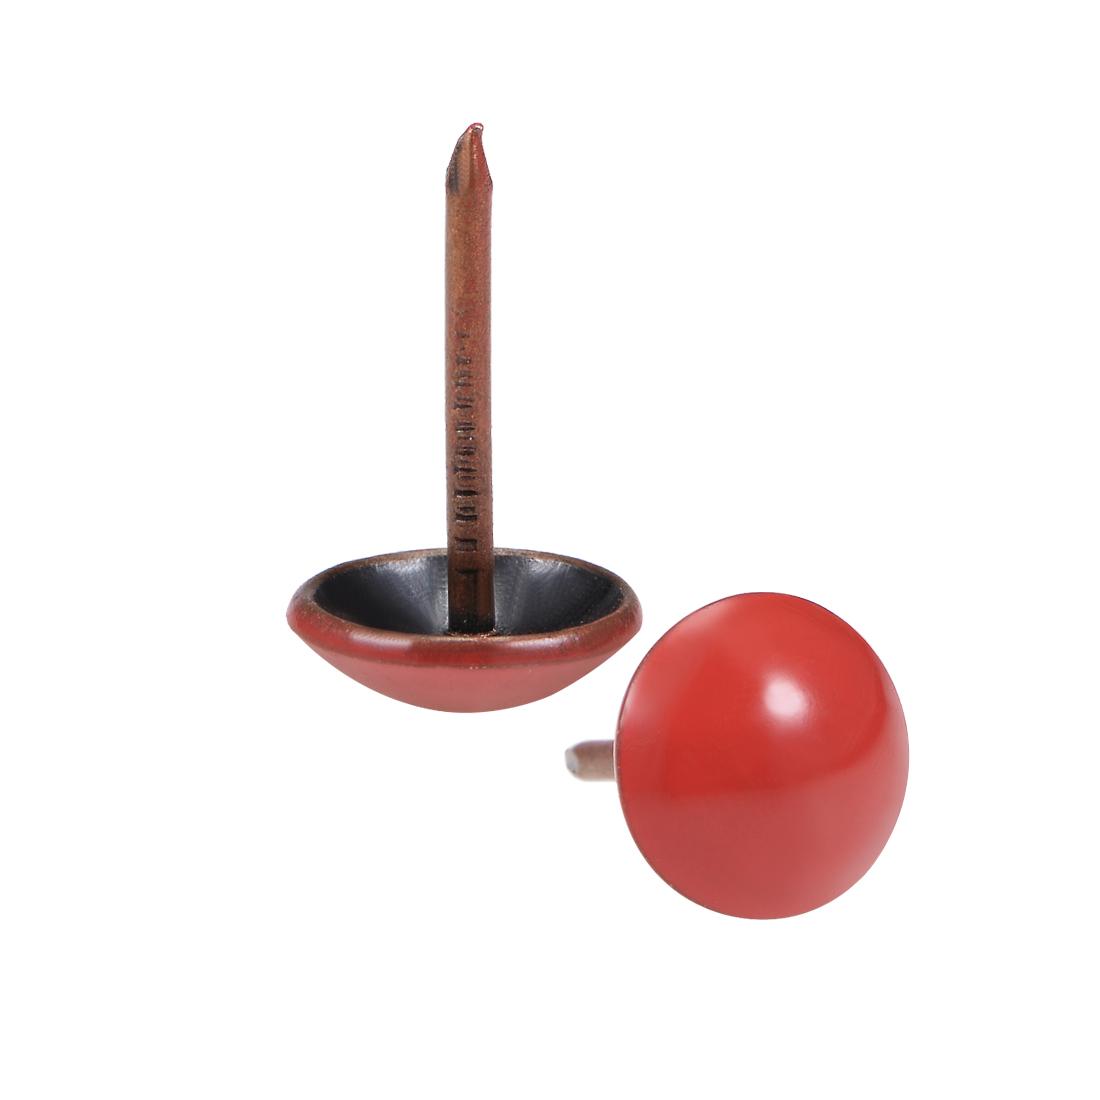 Upholstery Nails Tacks 11mm Red Round Head 17mm Length Thumb Push Pins 25 Pcs